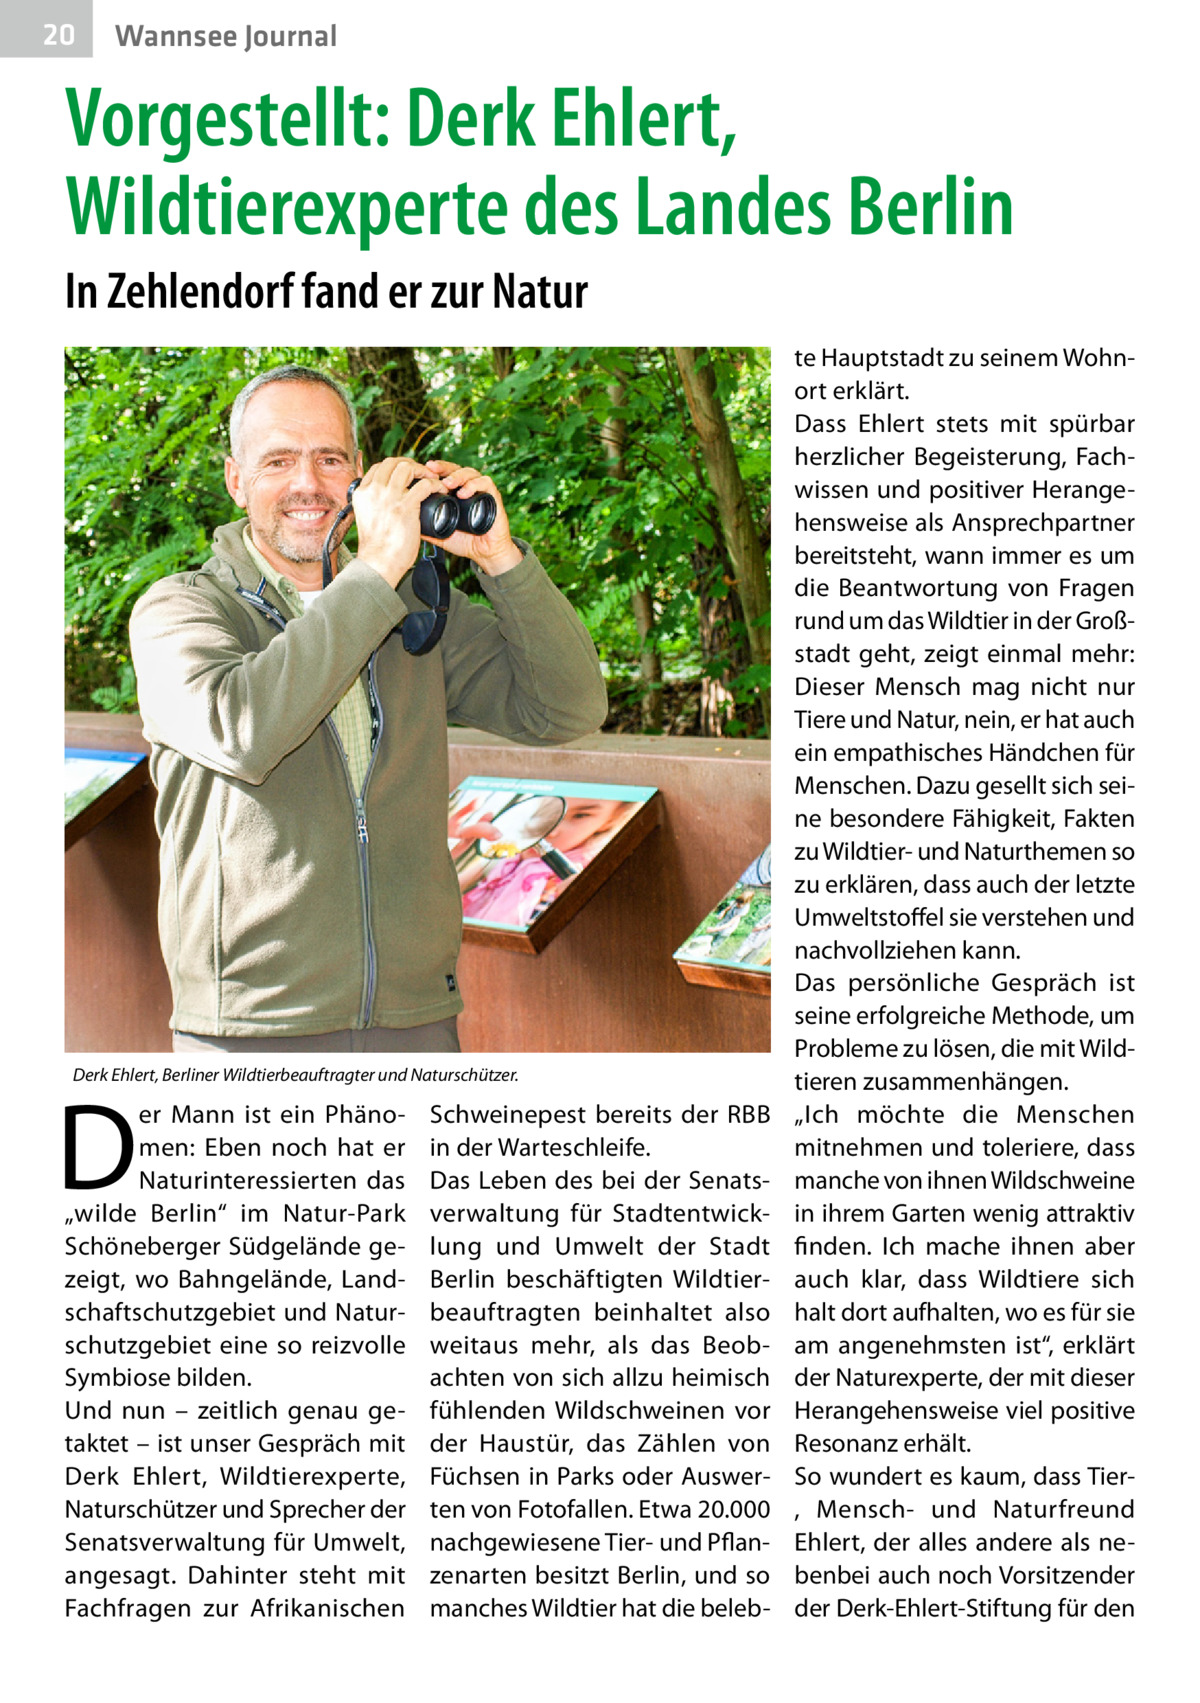 """20  Wannsee Journal  Vorgestellt: Derk Ehlert, Wildtierexperte des Landes Berlin In Zehlendorf fand er zur Natur  Derk Ehlert, Berliner Wildtierbeauftragter und Naturschützer.  D  er Mann ist ein Phänomen: Eben noch hat er Naturinteressierten das """"wilde Berlin"""" im Natur-Park Schöneberger Südgelände gezeigt, wo Bahngelände, Landschaftschutzgebiet und Naturschutzgebiet eine so reizvolle Symbiose bilden. Und nun – zeitlich genau getaktet – ist unser Gespräch mit Derk Ehlert, Wildtierexperte, Naturschützer und Sprecher der Senatsverwaltung für Umwelt, angesagt. Dahinter steht mit Fachfragen zur Afrikanischen  Schweinepest bereits der RBB in der Warteschleife. Das Leben des bei der Senatsverwaltung für Stadtentwicklung und Umwelt der Stadt Berlin beschäftigten Wildtierbeauftragten beinhaltet also weitaus mehr, als das Beobachten von sich allzu heimisch fühlenden Wildschweinen vor der Haustür, das Zählen von Füchsen in Parks oder Auswerten von Fotofallen. Etwa 20.000 nachgewiesene Tier- und Pflanzenarten besitzt Berlin, und so manches Wildtier hat die beleb te Hauptstadt zu seinem Wohnort erklärt. Dass Ehlert stets mit spürbar herzlicher Begeisterung, Fachwissen und positiver Herangehensweise als Ansprechpartner bereitsteht, wann immer es um die Beantwortung von Fragen rund um das Wildtier in der Großstadt geht, zeigt einmal mehr: Dieser Mensch mag nicht nur Tiere und Natur, nein, er hat auch ein empathisches Händchen für Menschen. Dazu gesellt sich seine besondere Fähigkeit, Fakten zu Wildtier- und Naturthemen so zu erklären, dass auch der letzte Umweltstoffel sie verstehen und nachvollziehen kann. Das persönliche Gespräch ist seine erfolgreiche Methode, um Probleme zu lösen, die mit Wildtieren zusammenhängen. """"Ich möchte die Menschen mitnehmen und toleriere, dass manche von ihnen Wildschweine in ihrem Garten wenig attraktiv finden. Ich mache ihnen aber auch klar, dass Wildtiere sich halt dort aufhalten, wo es für sie am angenehmsten ist"""", erklärt der Naturexperte, der m"""